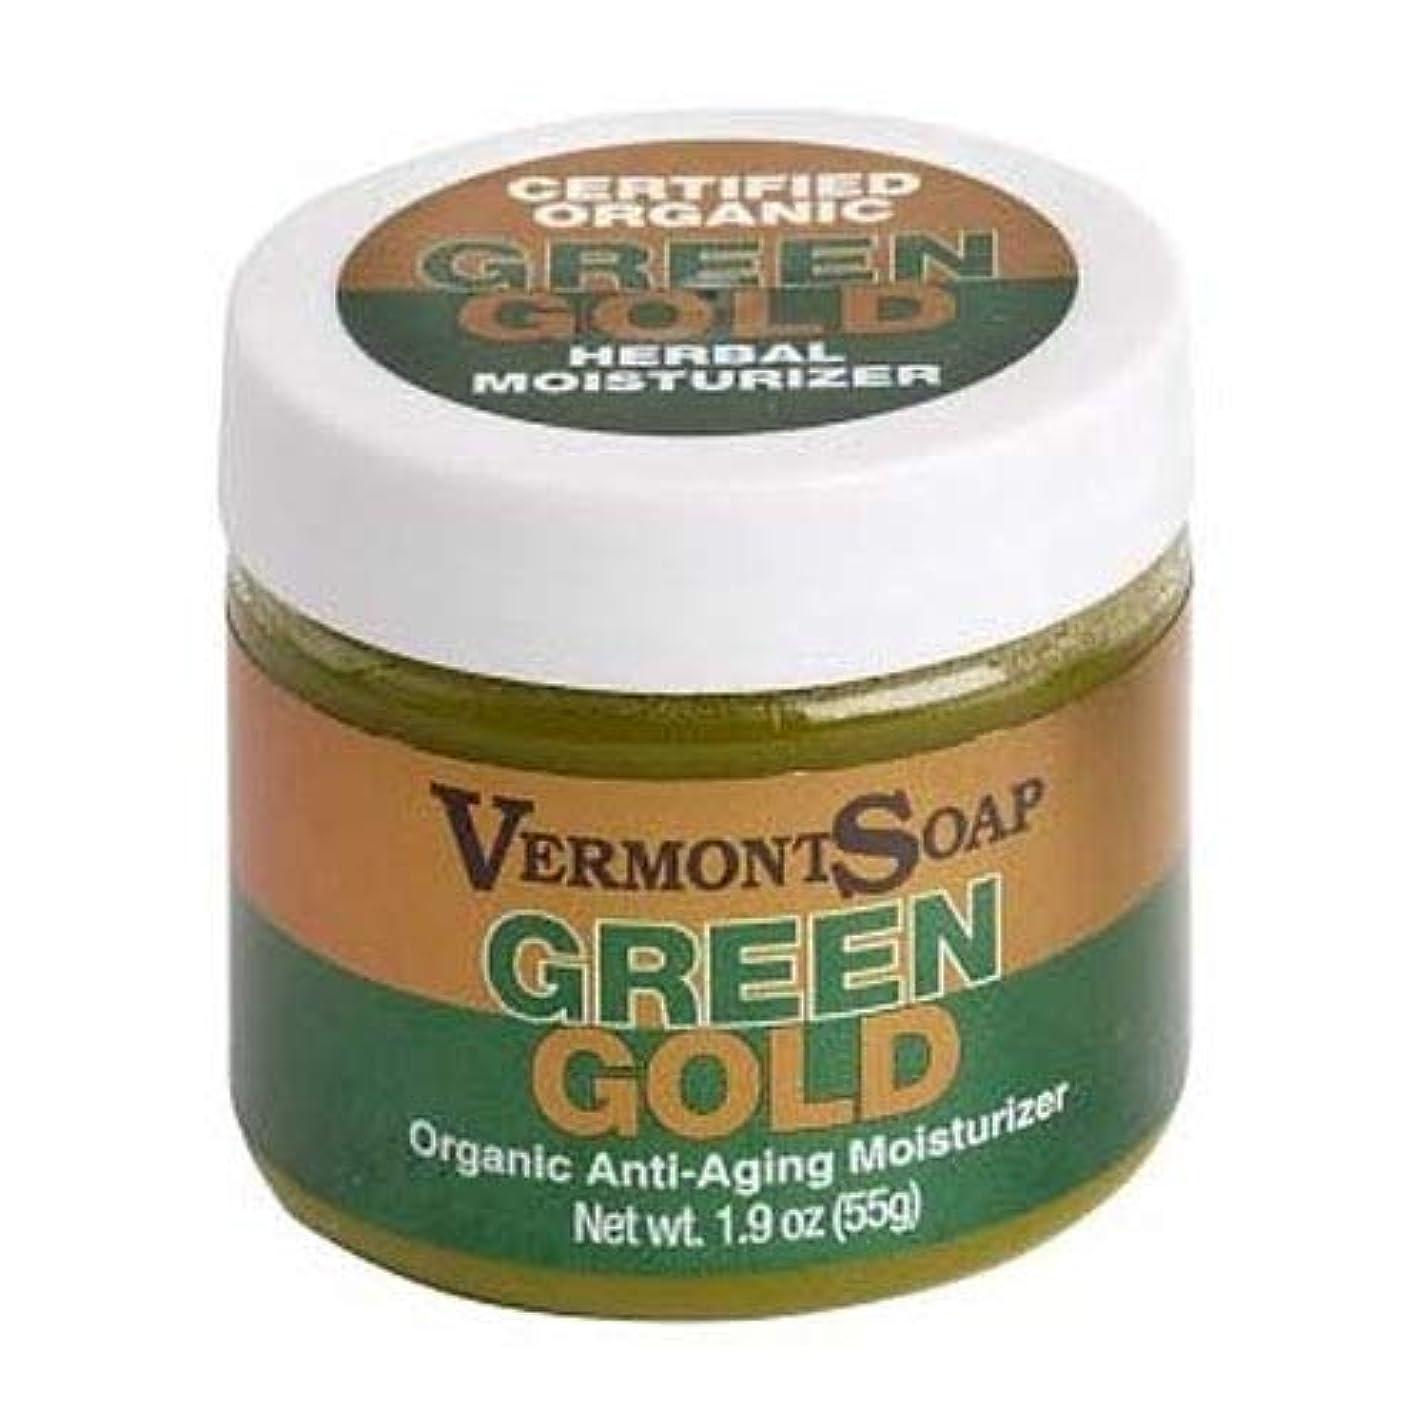 発言する膨らみ虫VermontSoap バーモントソープ グリーンゴールド ORGANIC MOISTURIZER GREEN GOLD (ほのかなラベンダー, (L) 55g)